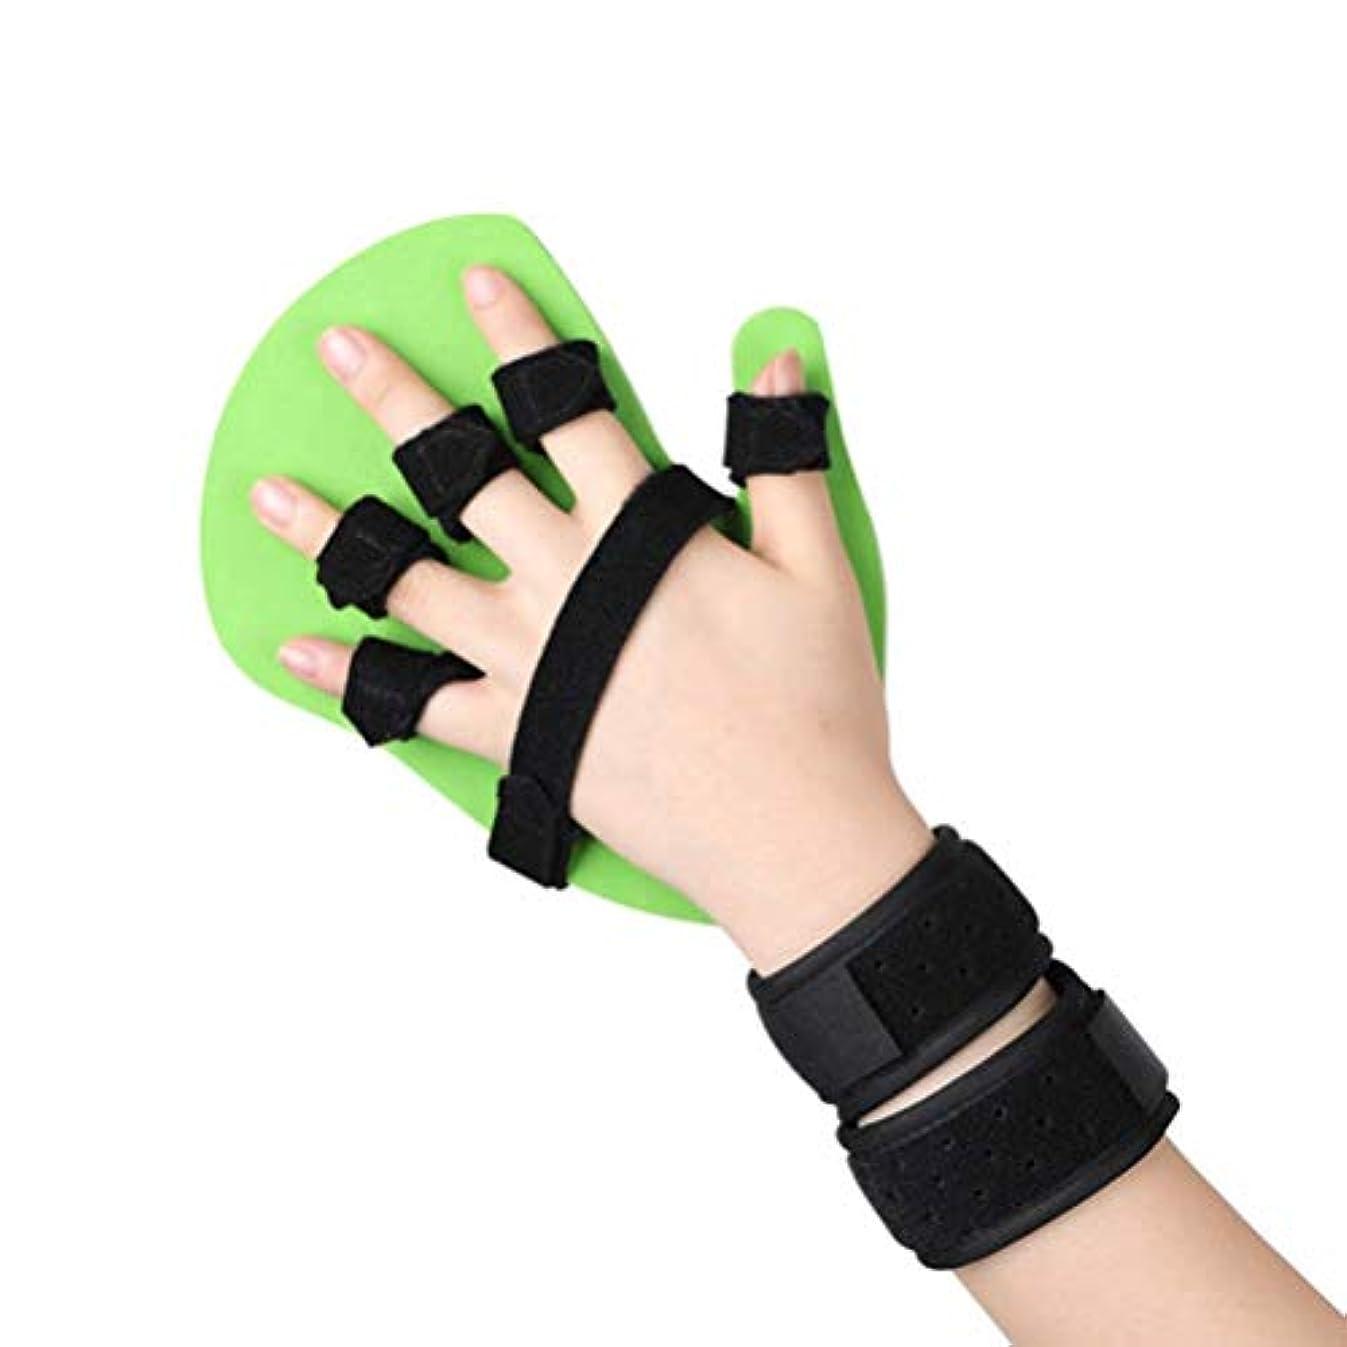 キネマティクスシーボード幸運なことにセパレータインソールフィンガートレーニングデバイスフィンガースプリント指、手の手首のトレーニング装具デバイスブレースサポート攣縮拡張ボードスプリント脳卒中片麻痺、左右の手指 (Color : Right, Size : L)